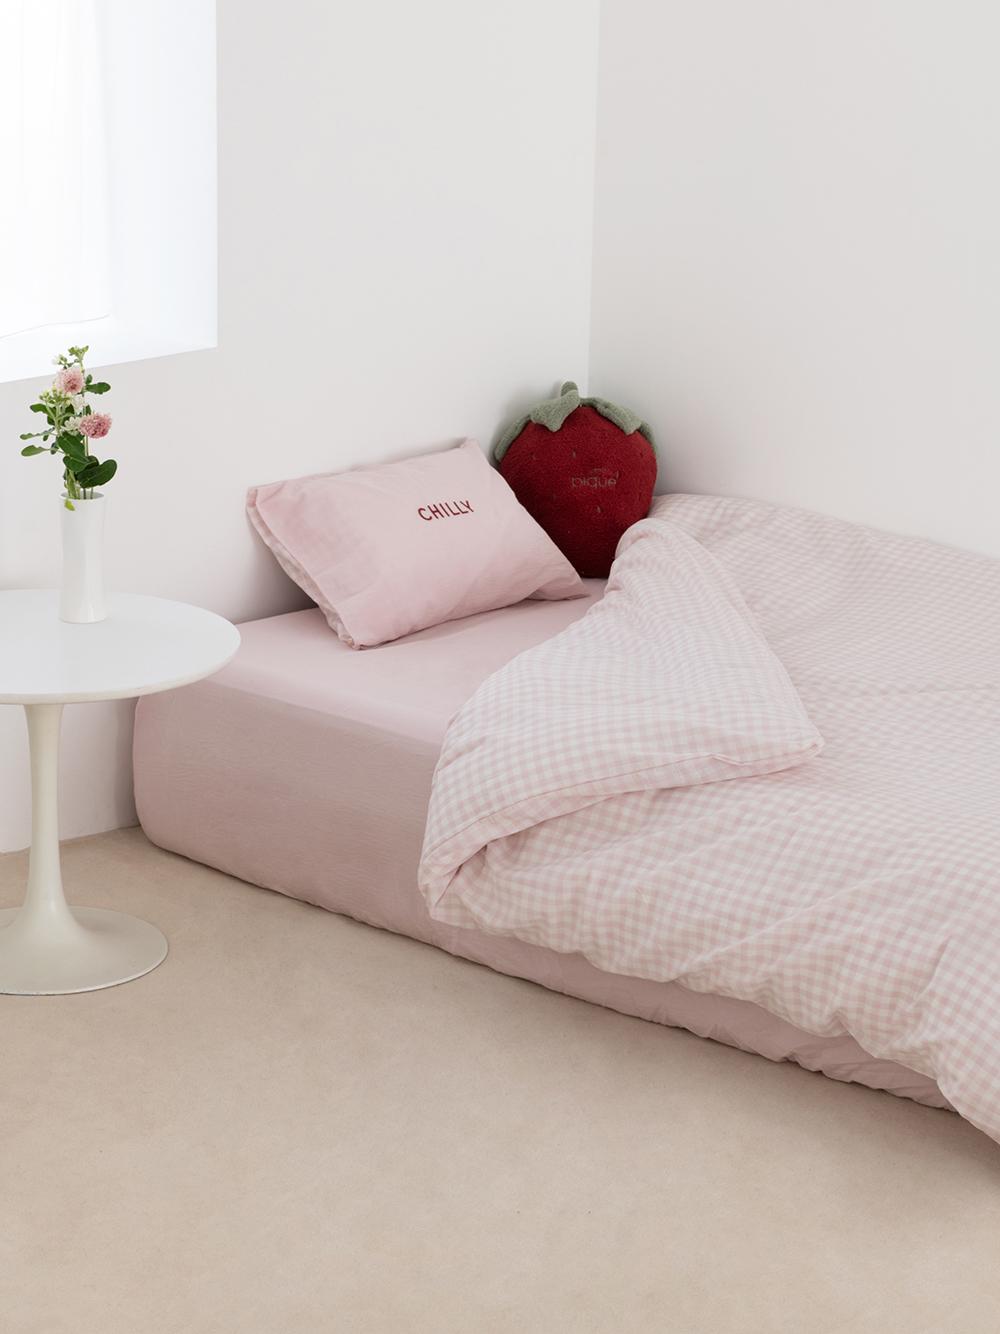 【Sleep】ストロベリークッション | PSGG211069